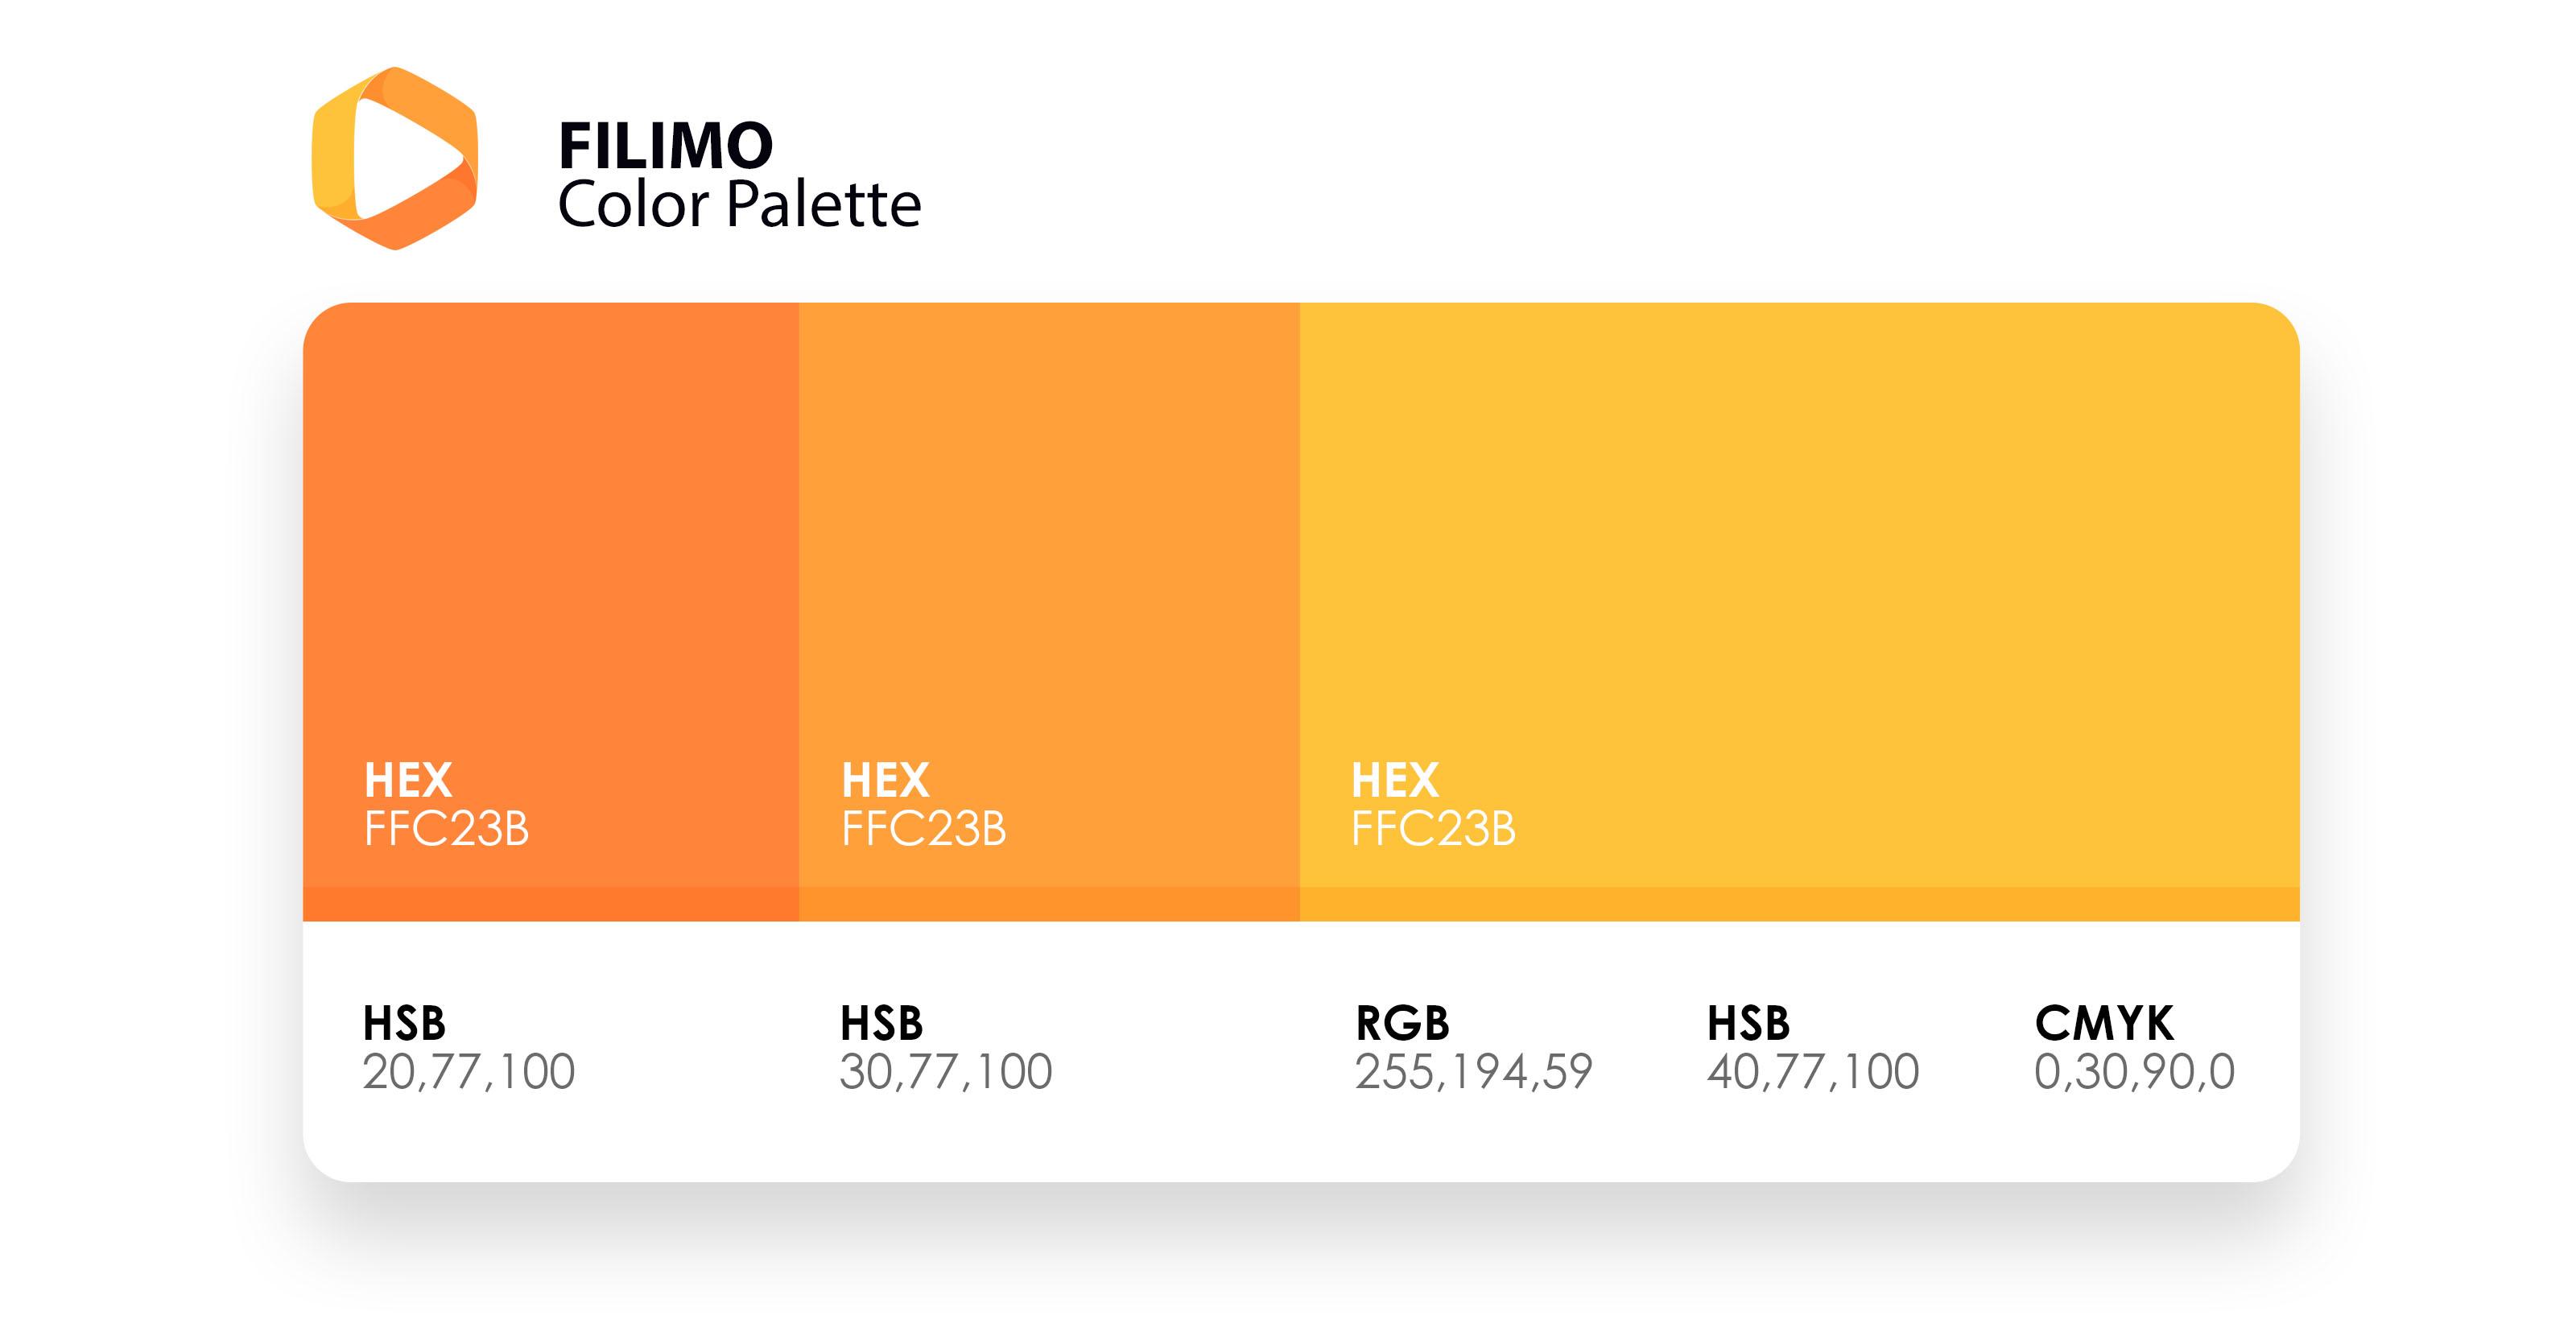 پالت رنگی فیلیمو | FILIMO Color Palette